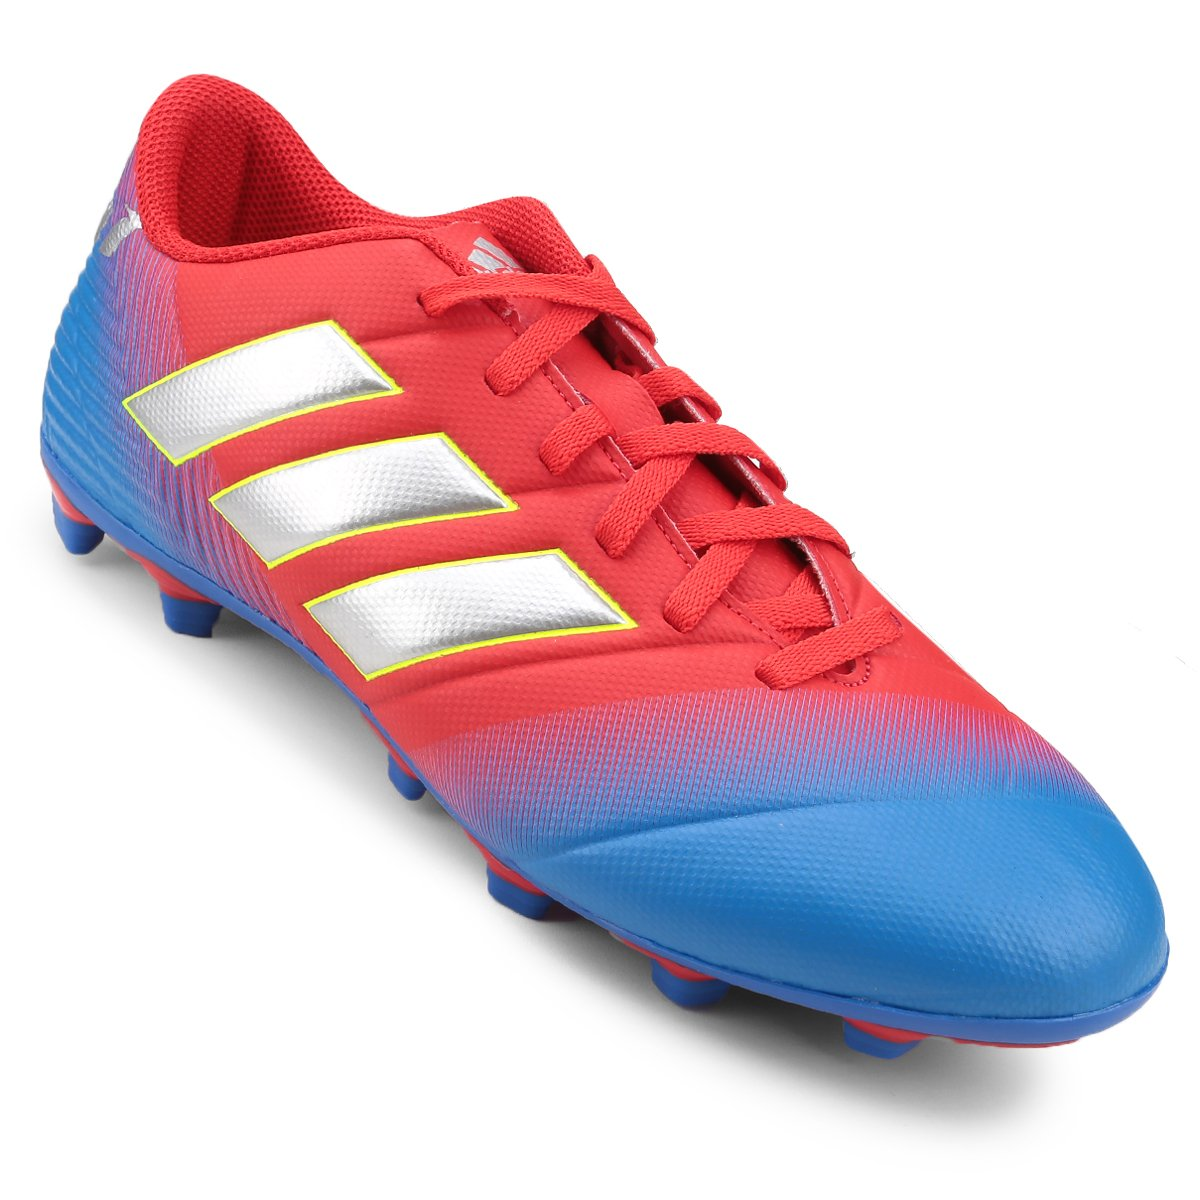 faa6745d60b1a Chuteira Campo Adidas Nemeziz Messi 18 4 FG - Compre Agora